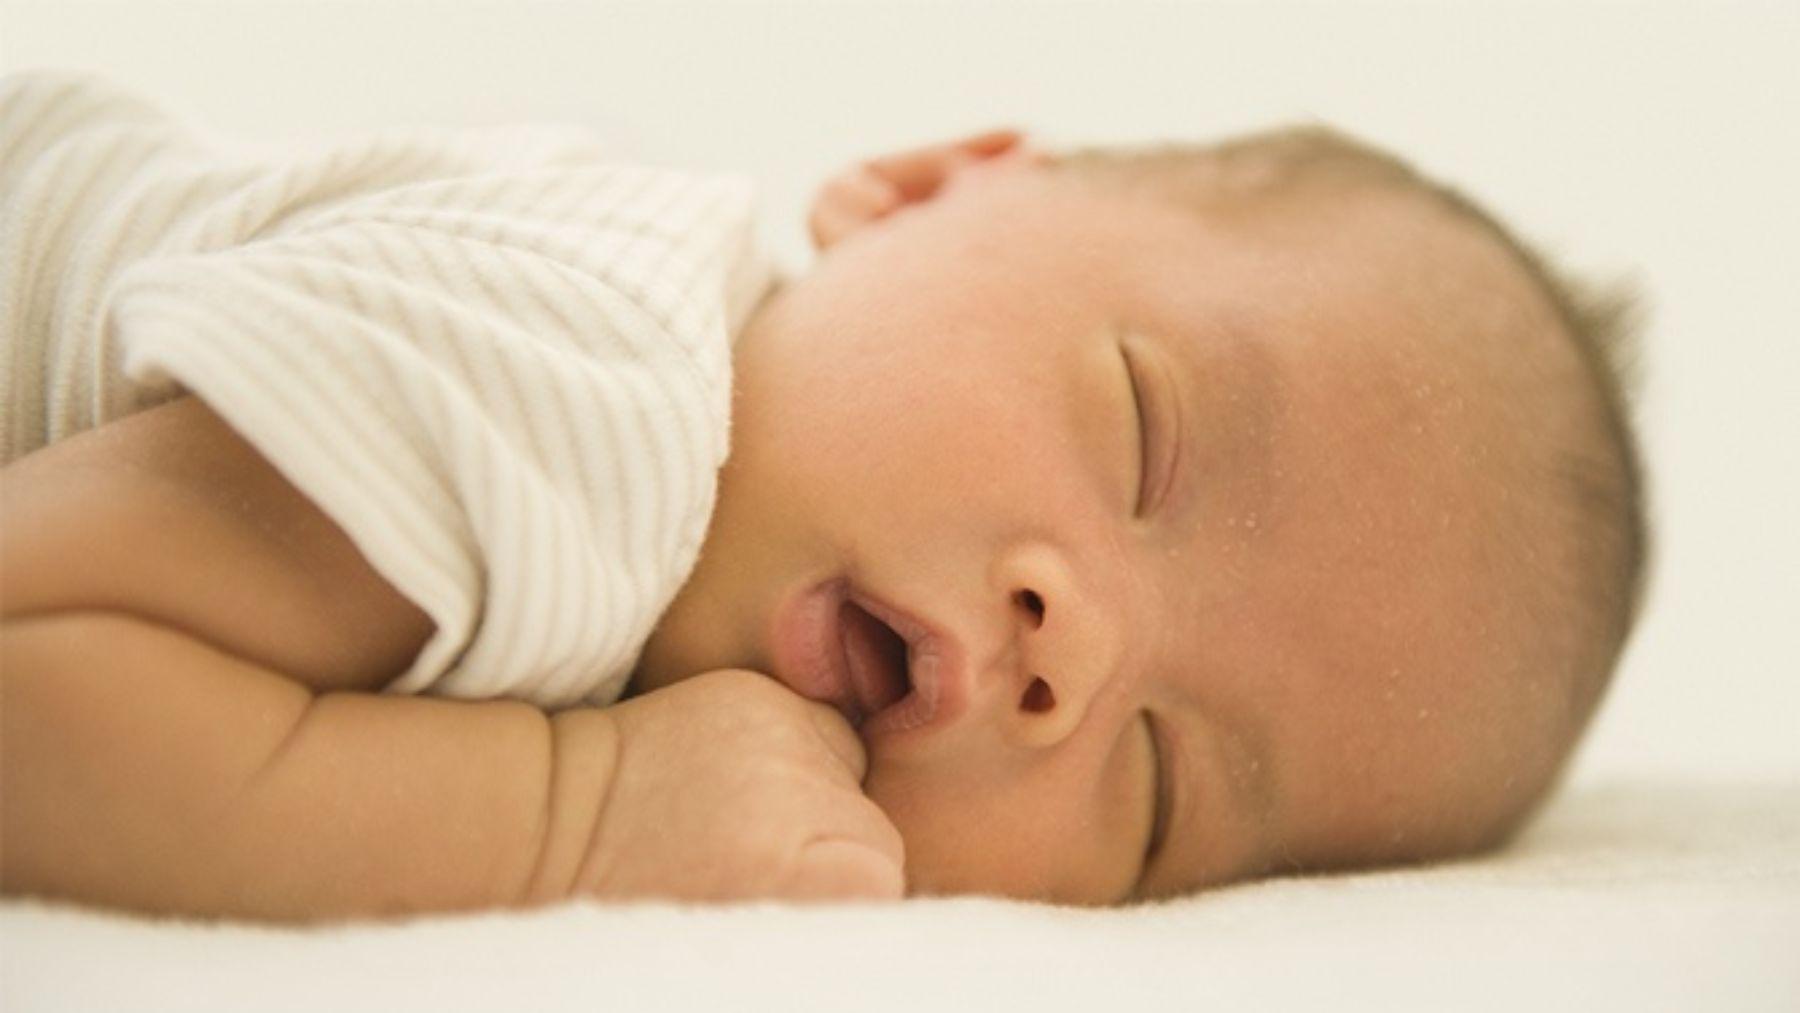 El motivo por el que roncan los bebés según un reciente estudio